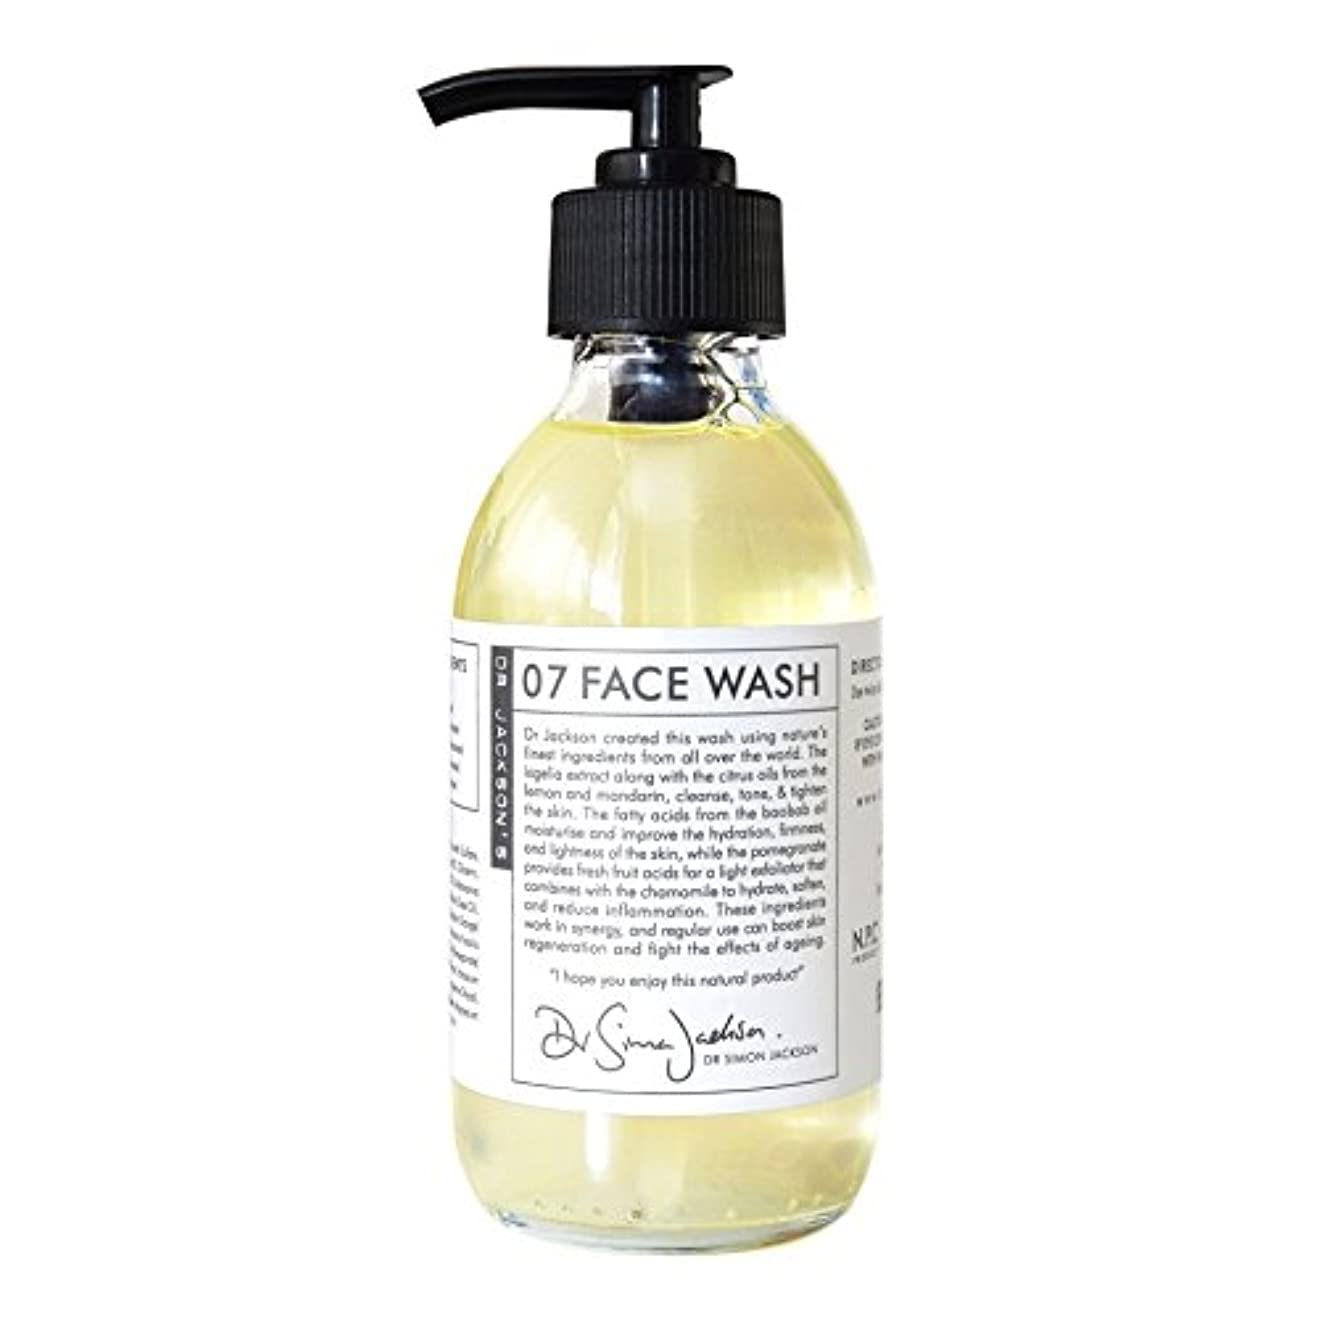 眠いですいくつかの回るDr Jackson's 07 Face Wash 200ml - ジャクソンの07洗顔ジェル200 [並行輸入品]